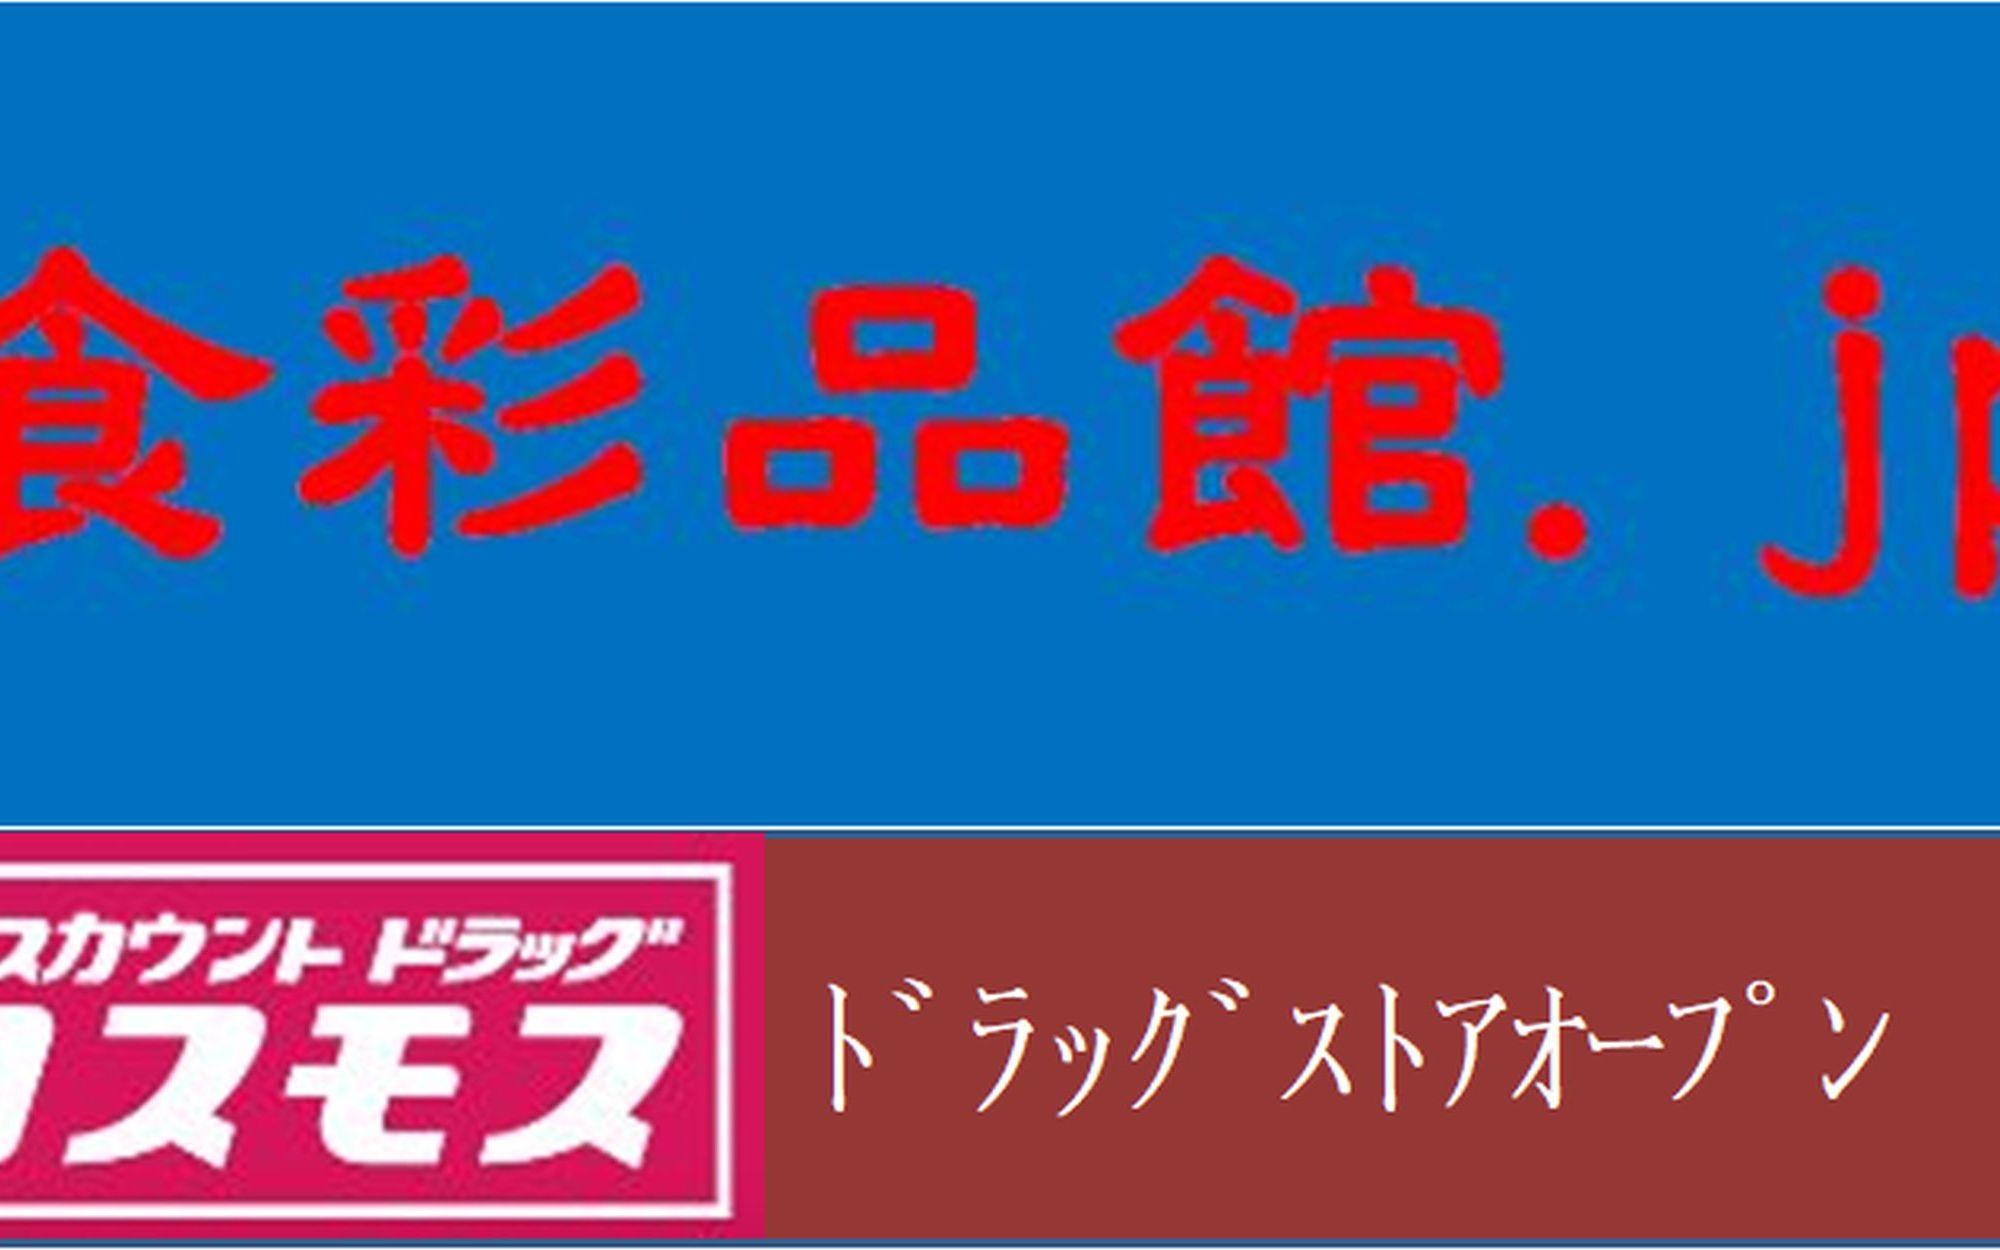 ドラッグコスモス下の町店(岡山県倉敷市)2020年11月20日オープン予定で大店立地届出